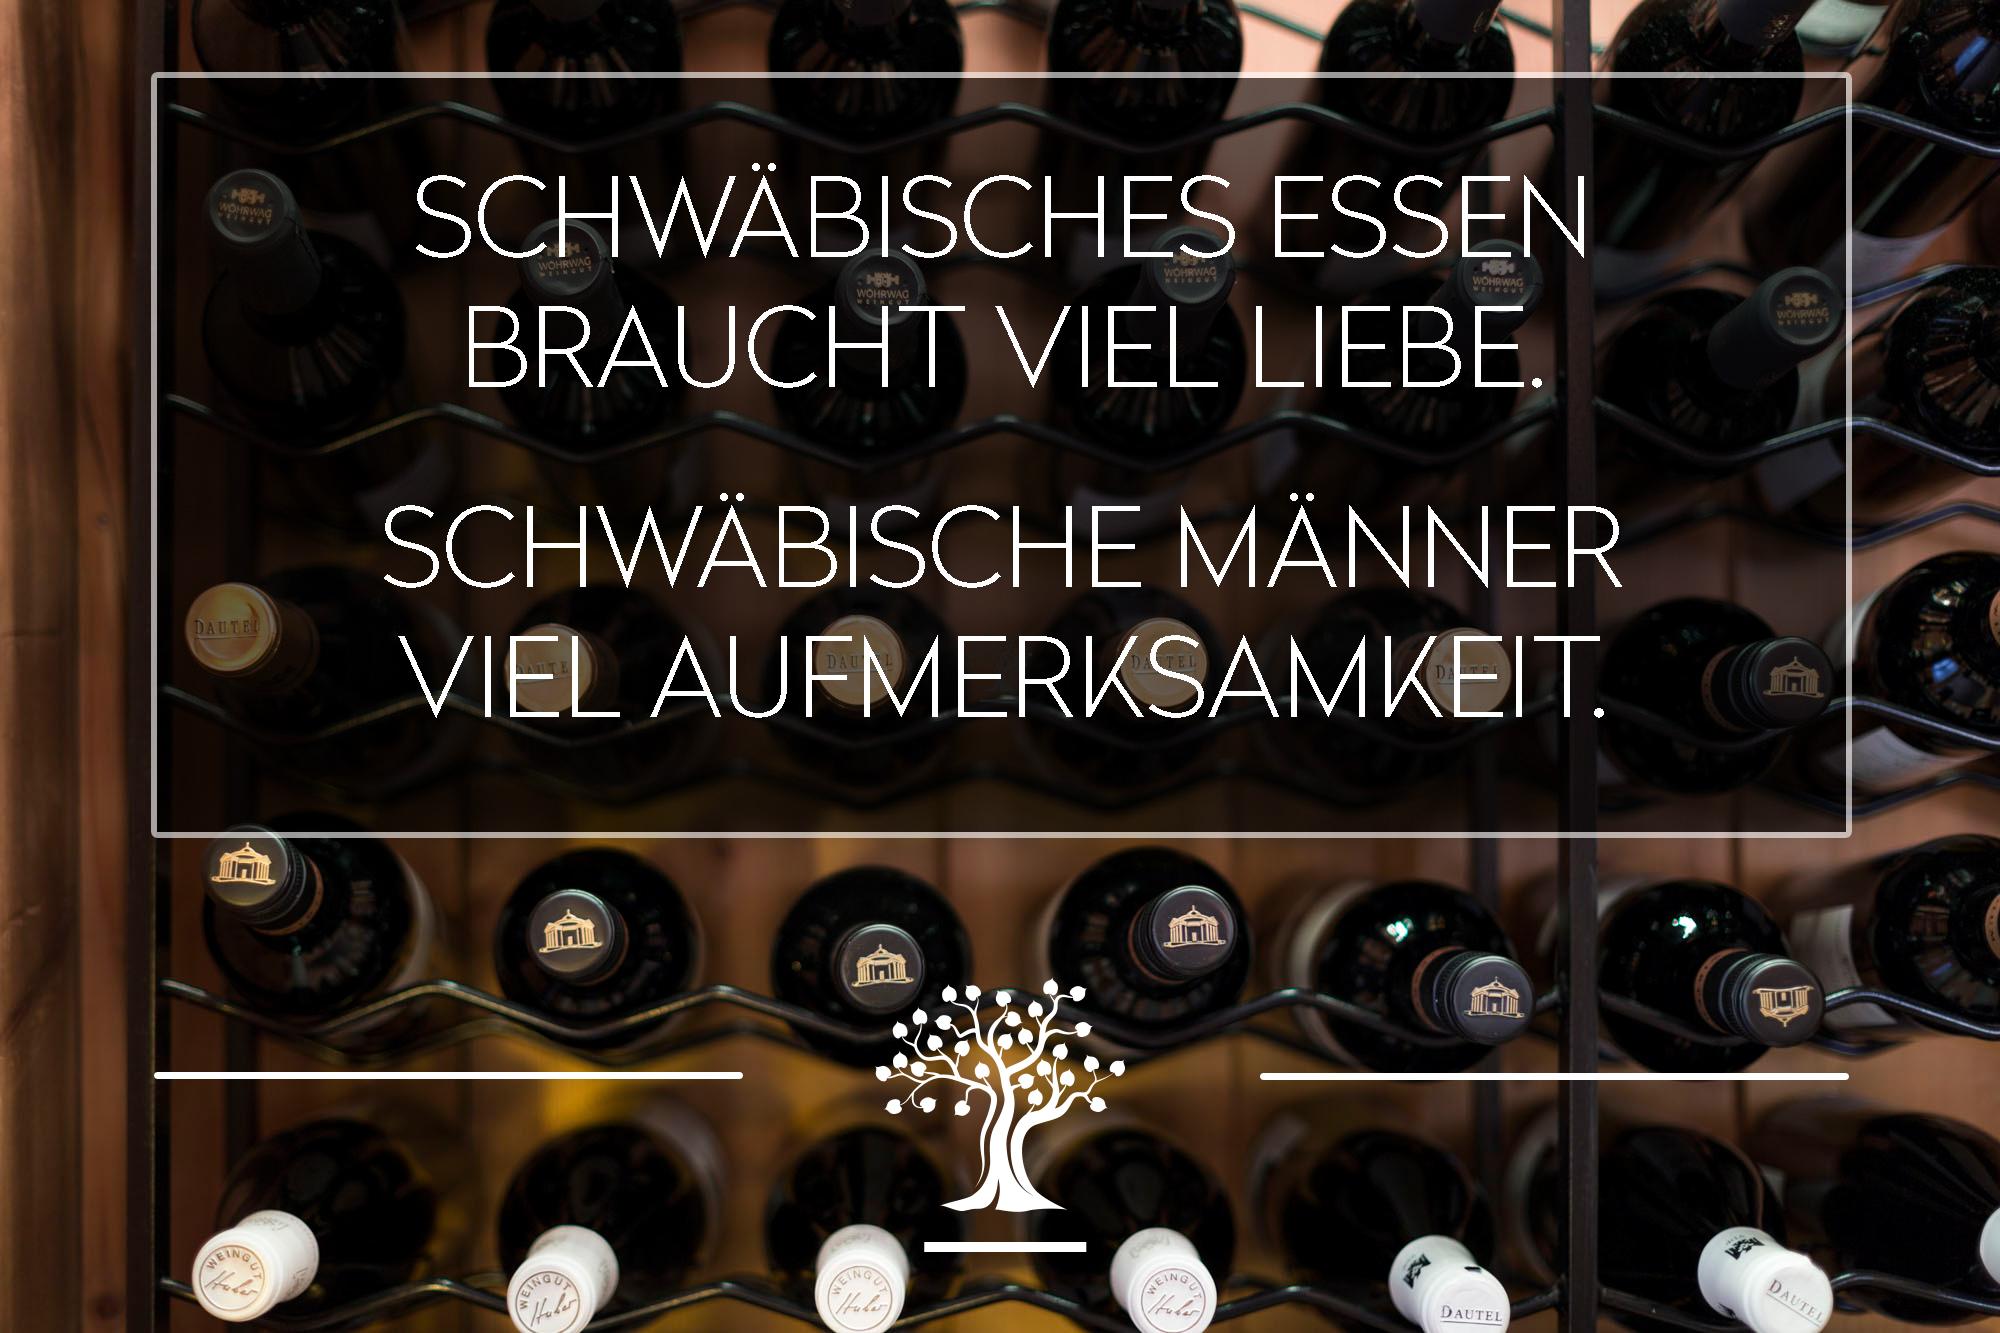 Werde Teil unseres Weindorf Teams! - Bewerbung an mt@linde-stuttgart.de